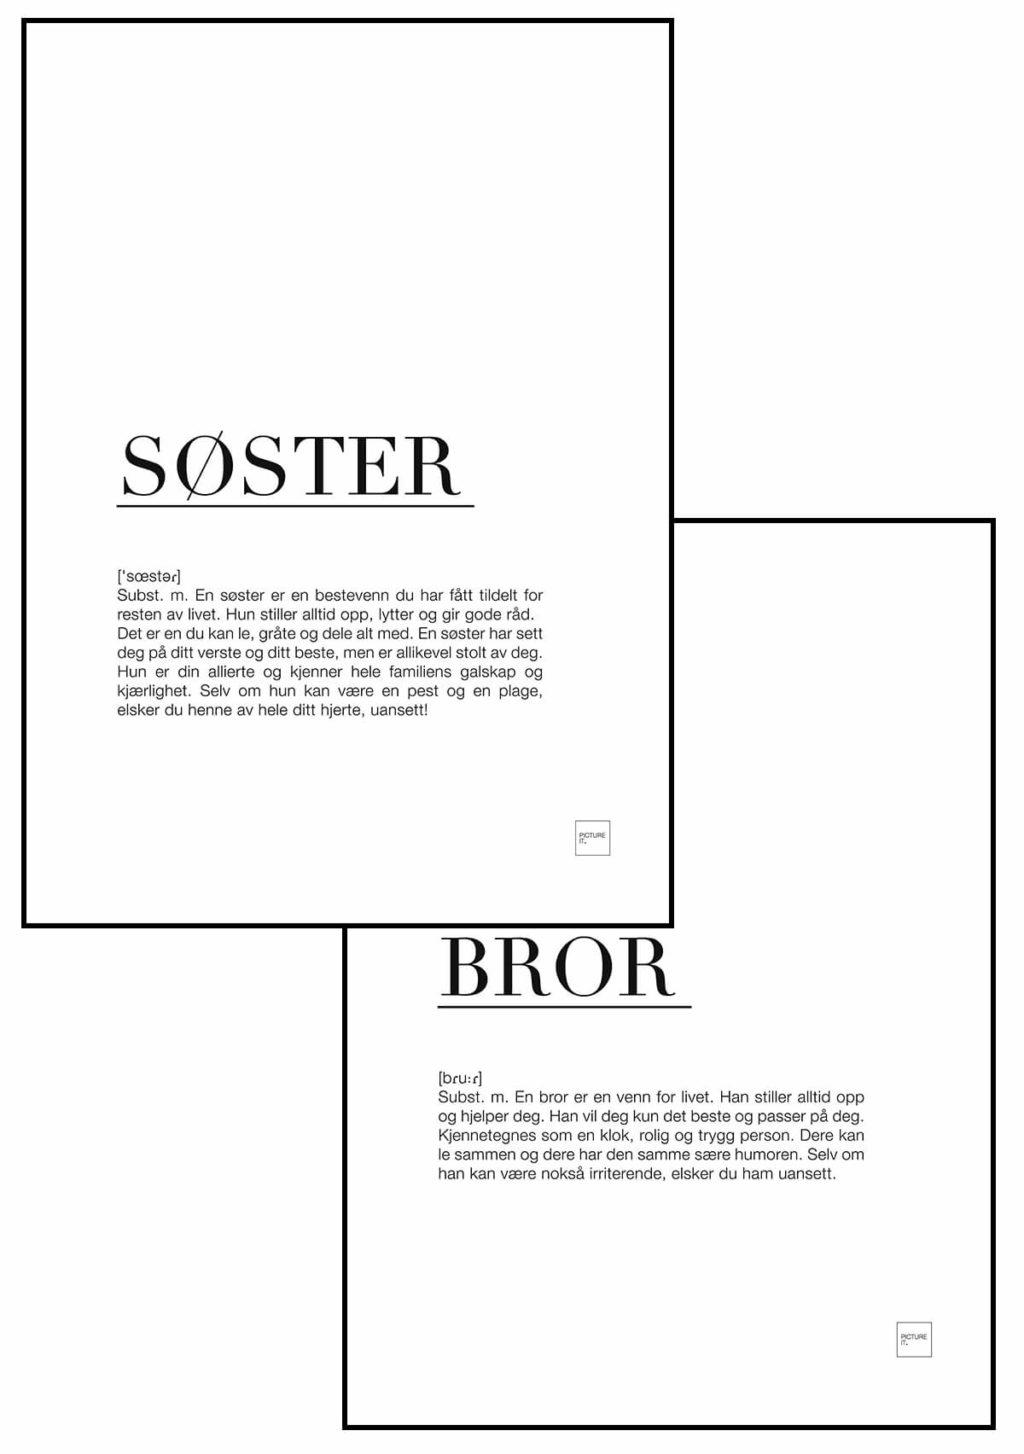 SØSTER + BROR